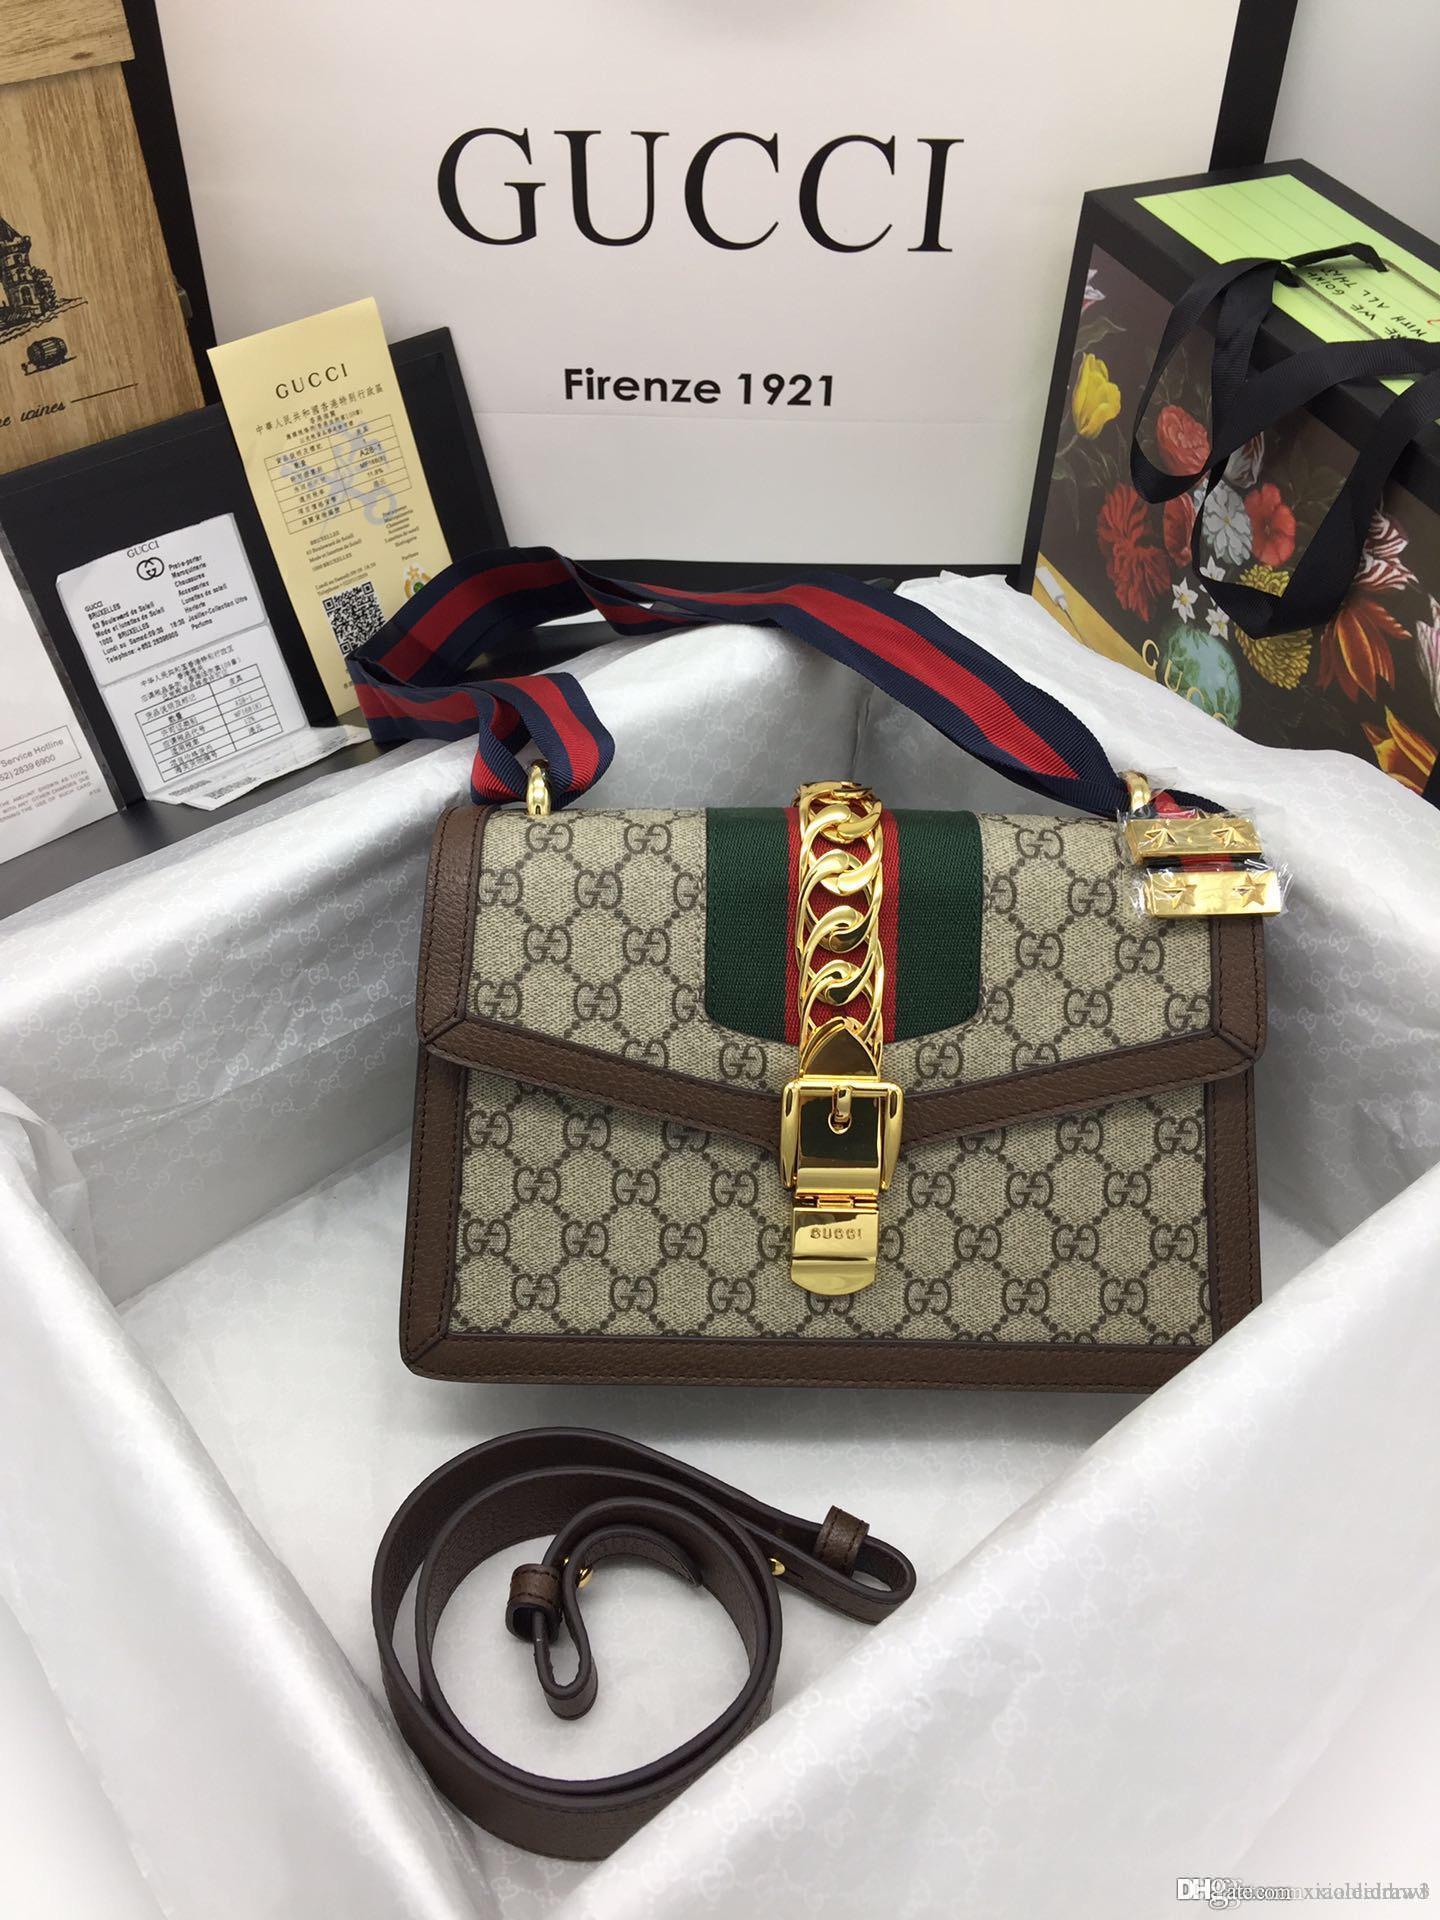 Moda Womenmen mejores señoras de hombro del bolso de la taleguilla del monedero del totalizador 88Messenger Crossbody Handbagt billetera nuevo clásico billetera 421882 25-17-8cm